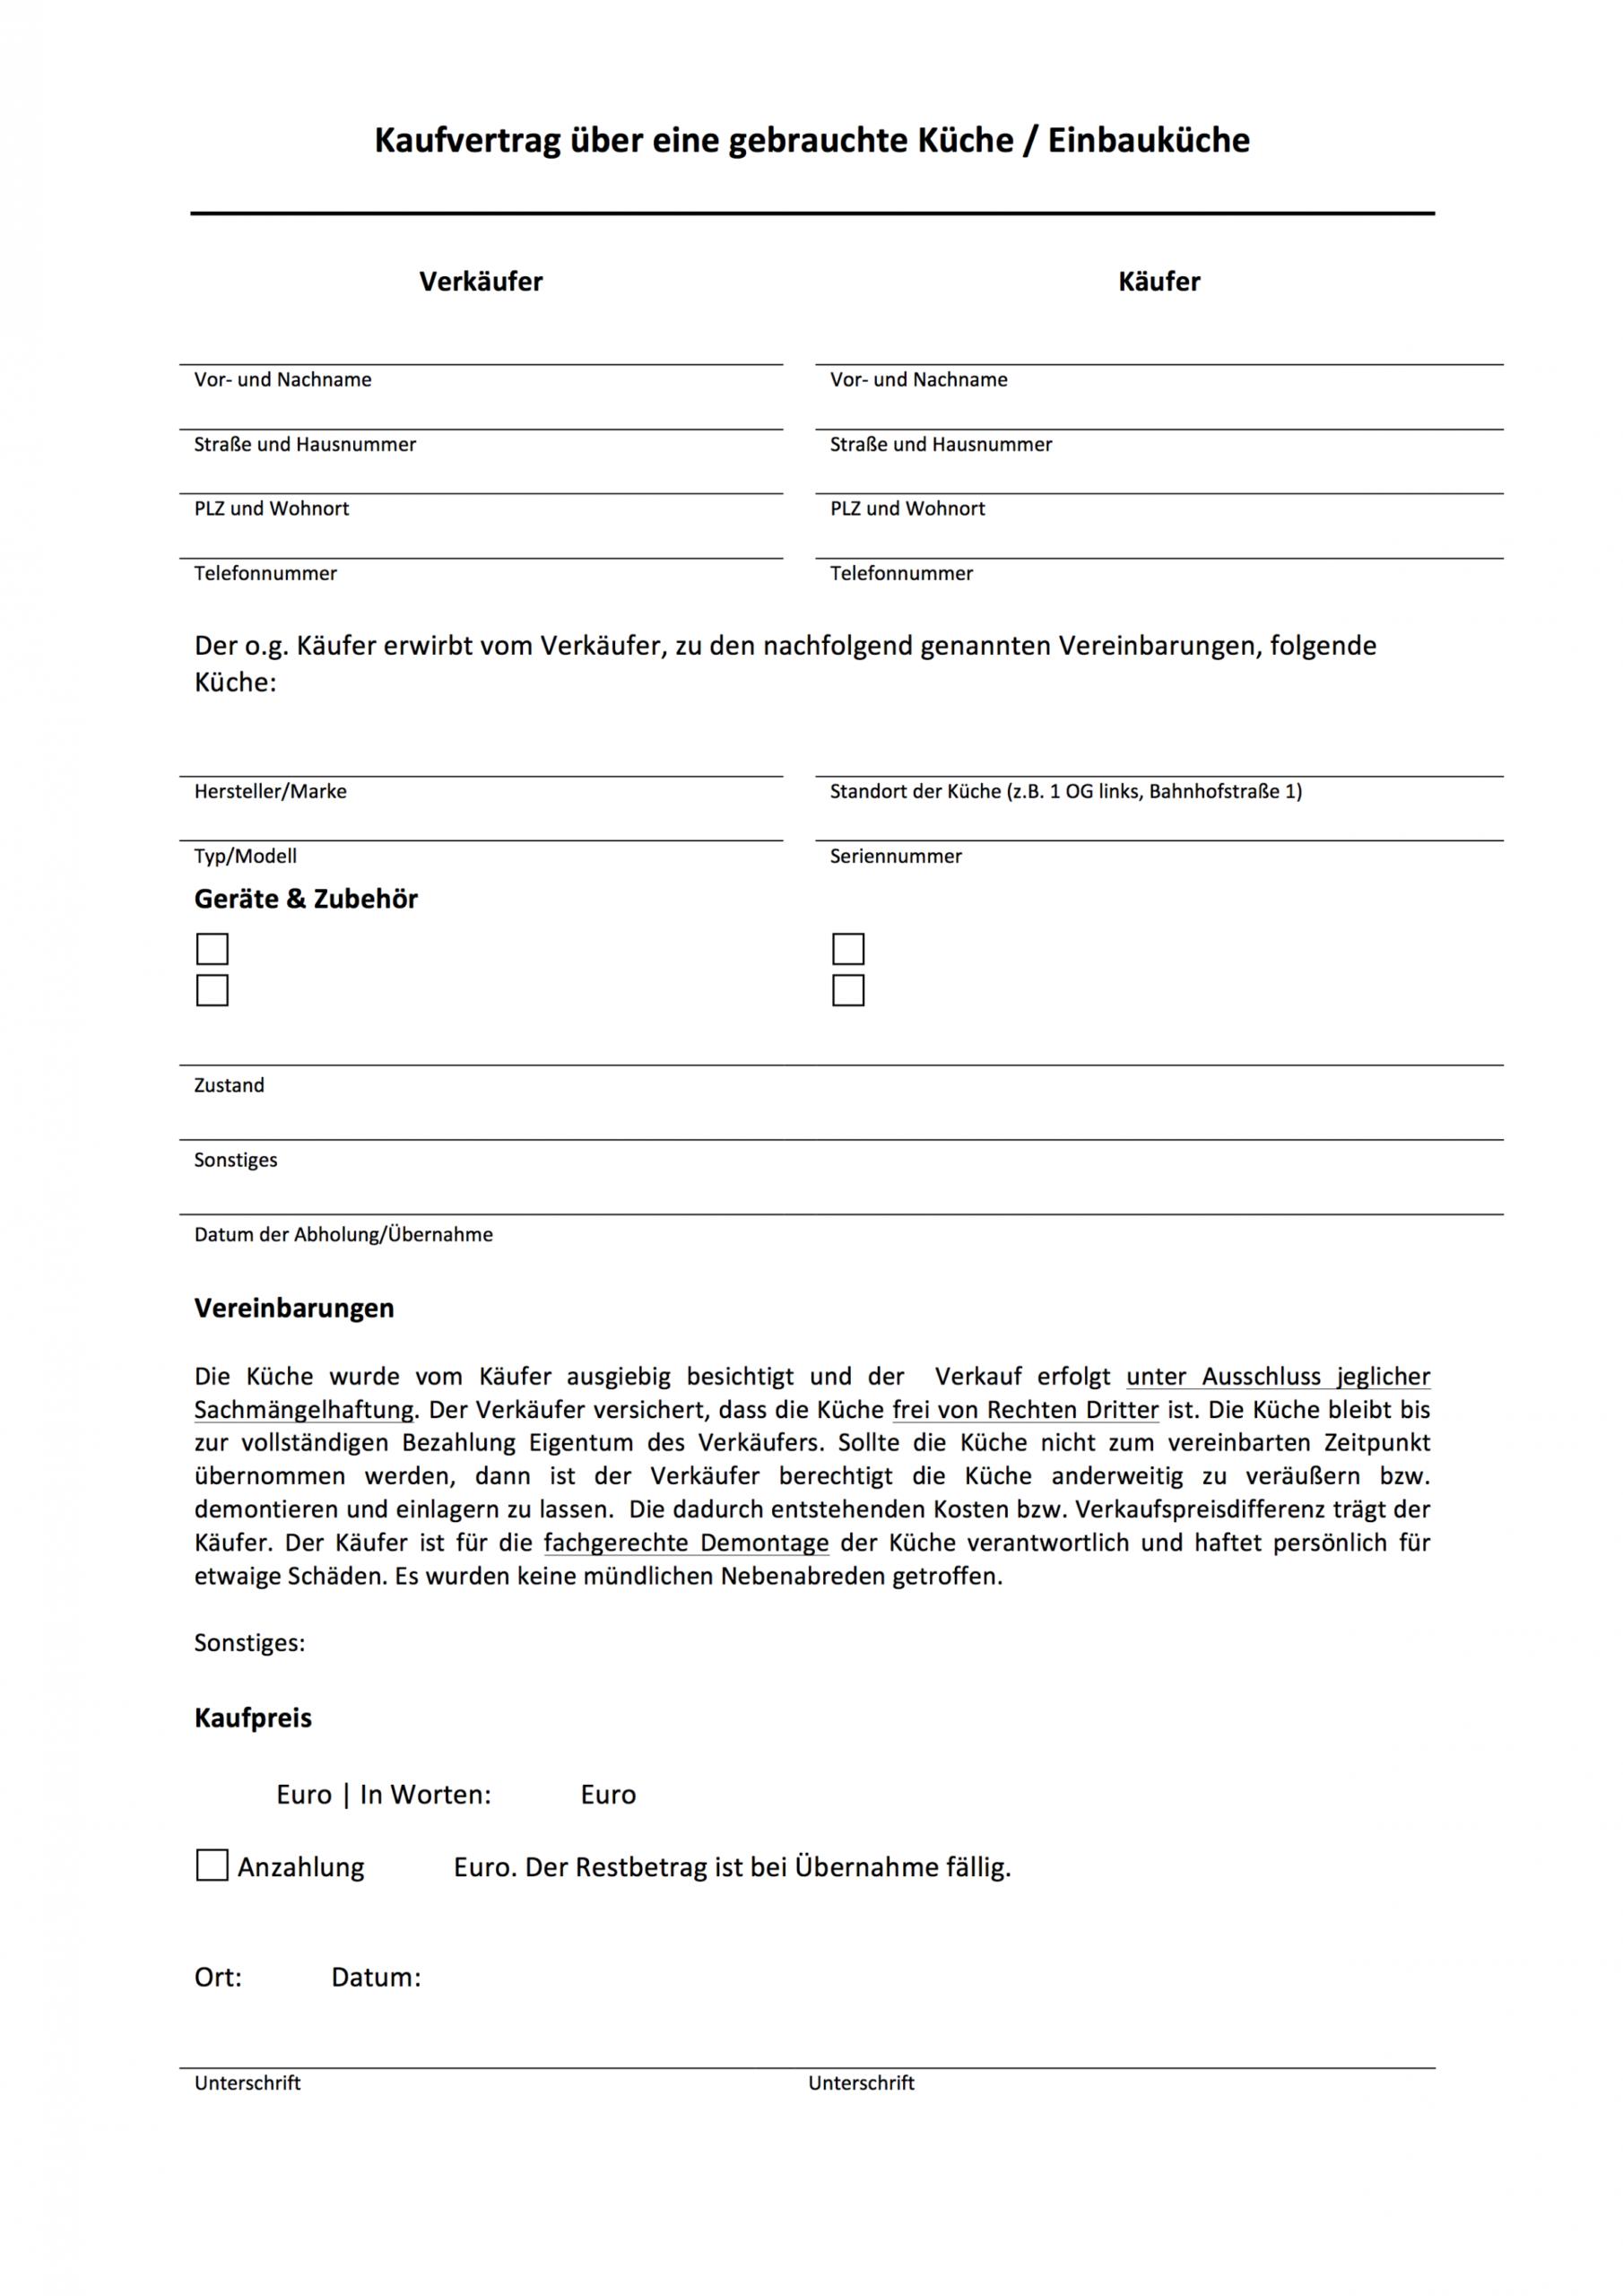 Blattern Unsere Das Beispiel Von Vereinbarung Vormieter Nachmieter Nachmieter Vertrag Kaufvertrag Muster